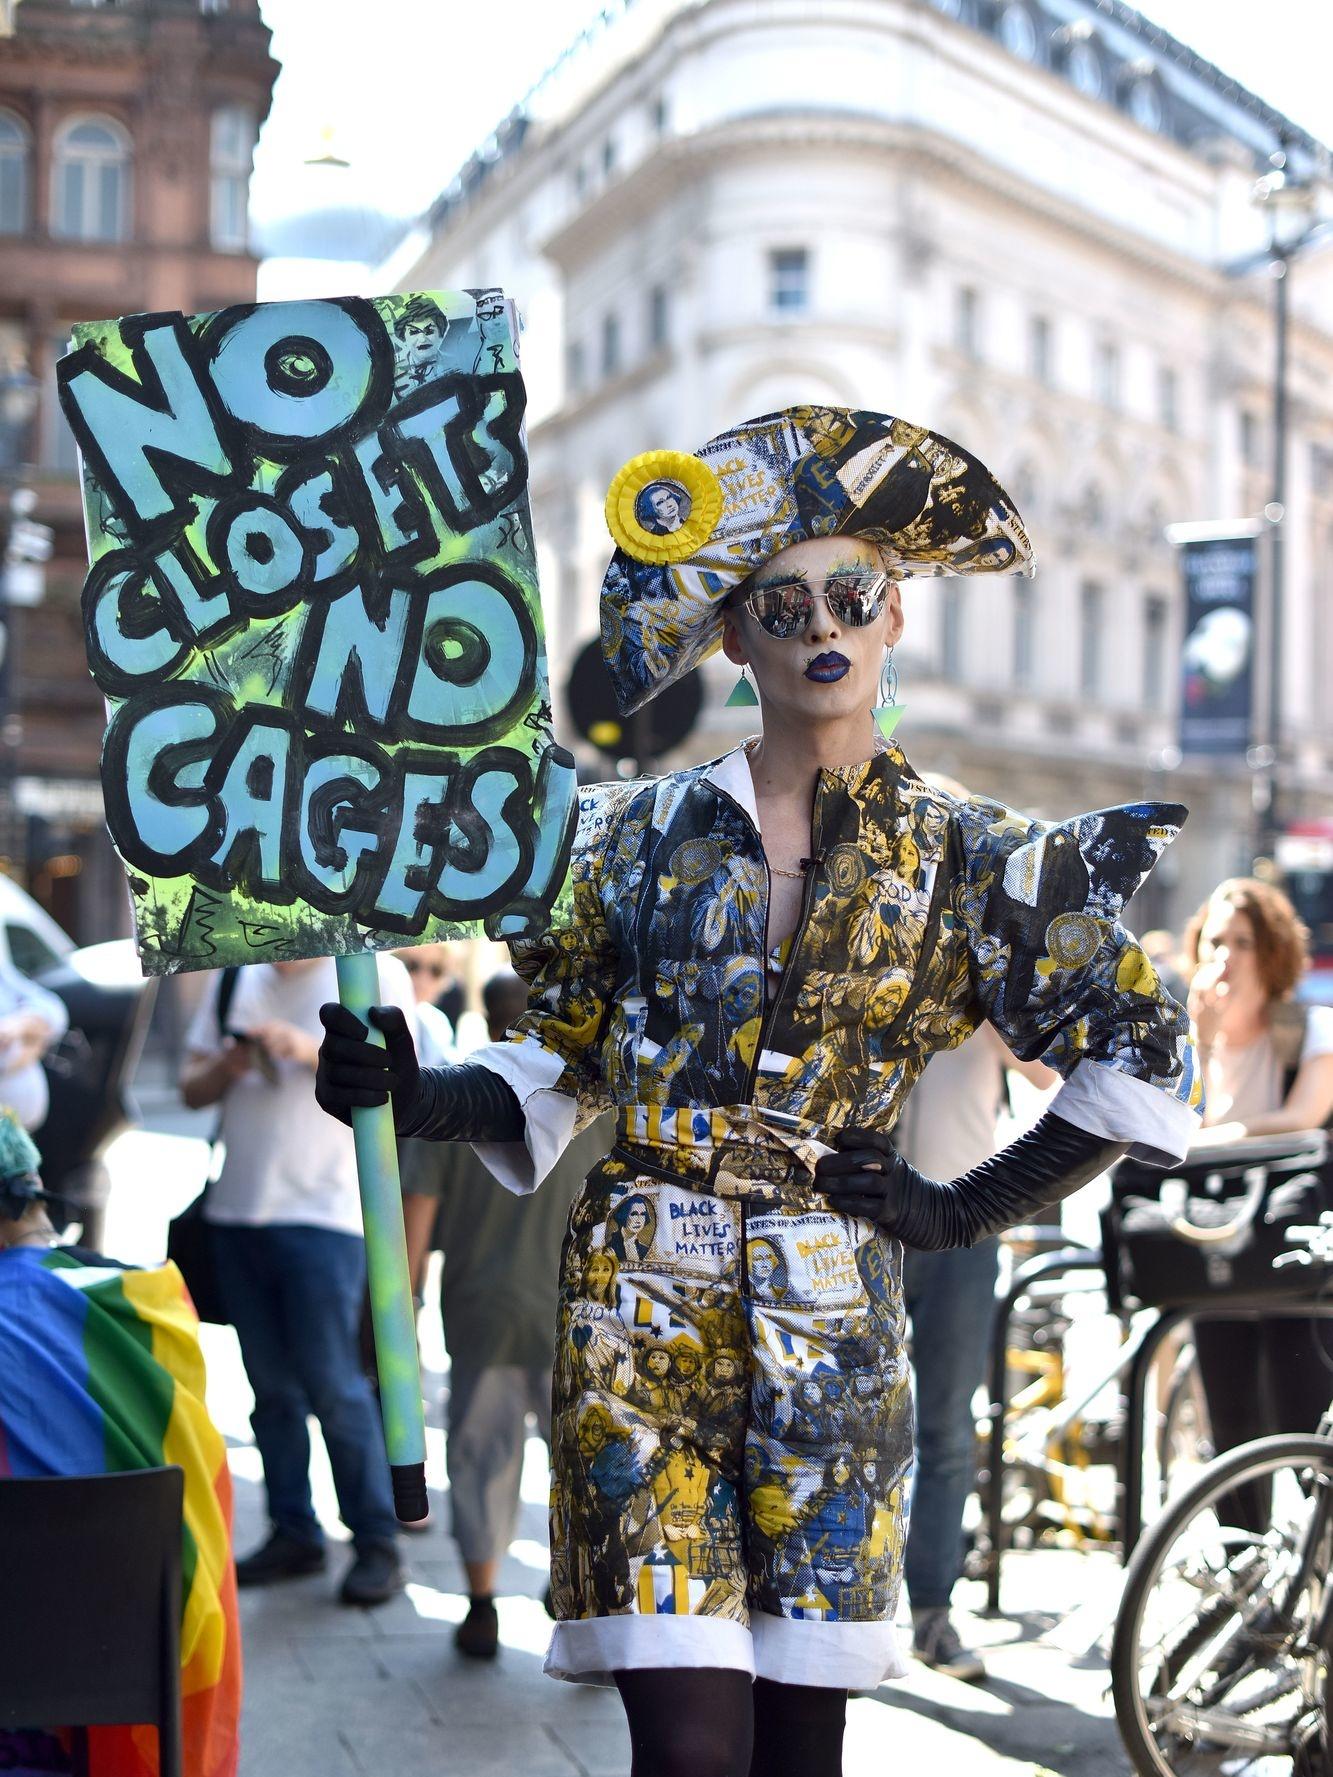 Een dragqueen protesteert tegen Trump, Getty